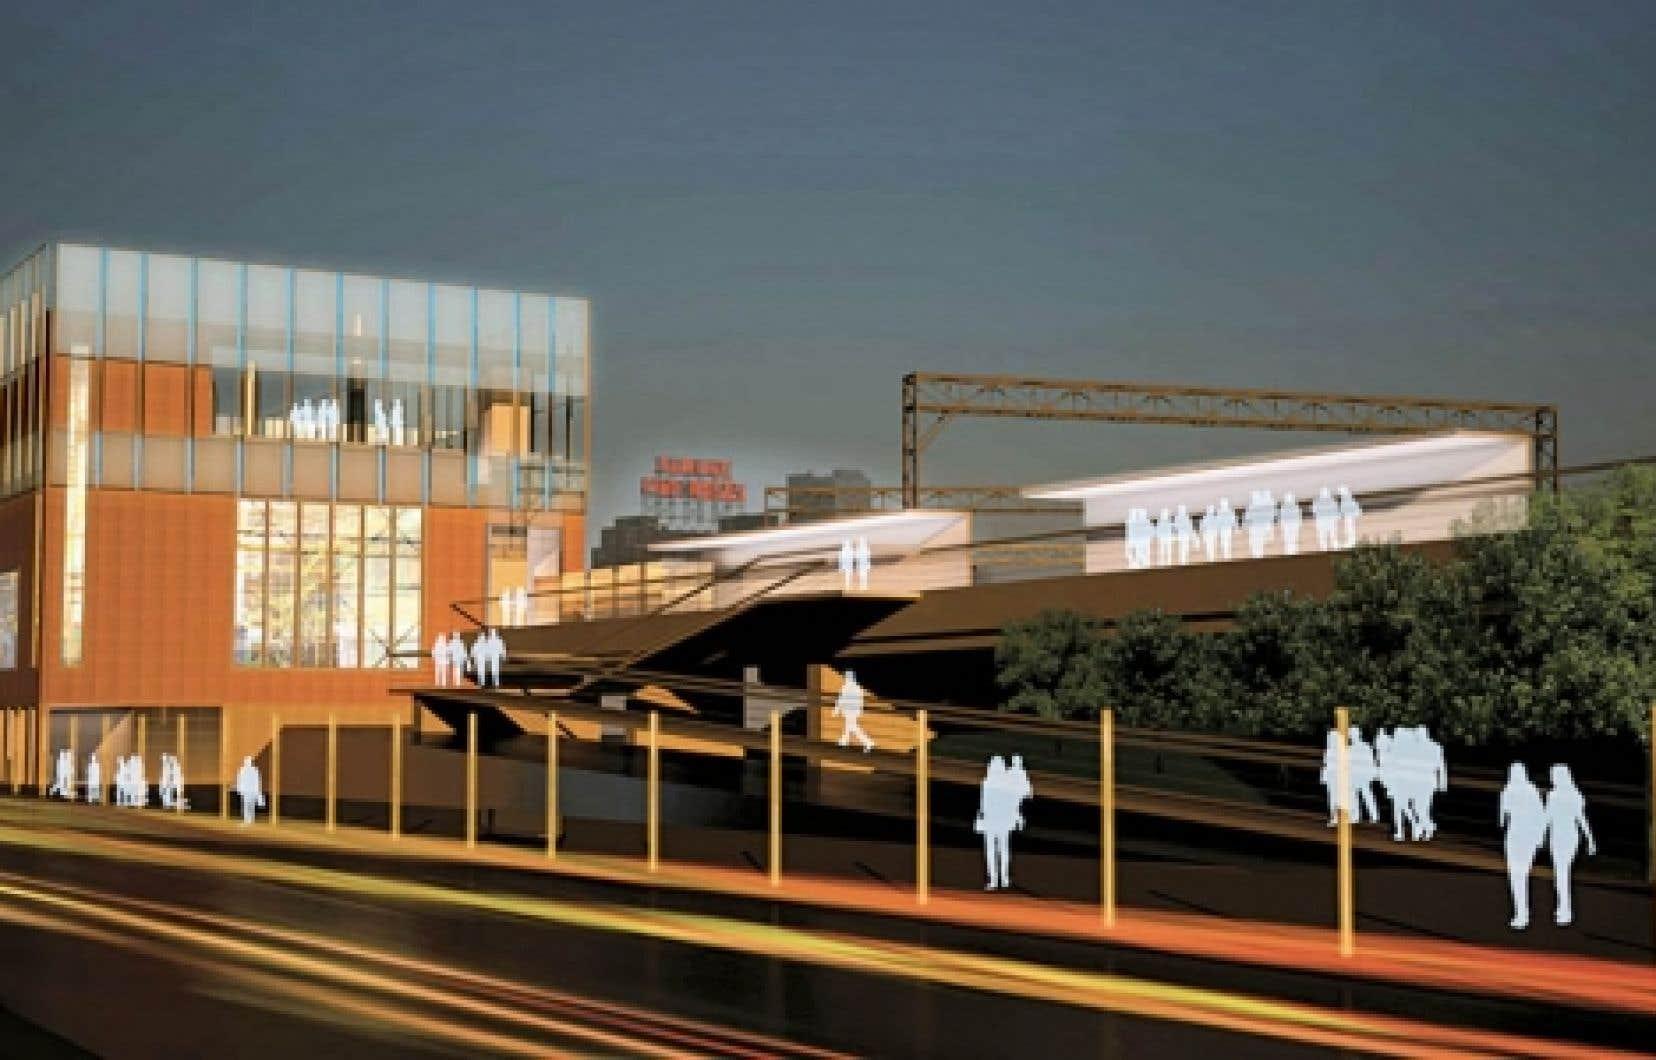 L'esquisse de potentiel établissant la vision du projet qui s'installera graduellement au rythme du quartier Bonaventure a pour objectif de valoriser la centrale comme icône urbaine en résonance avec le développement durable.